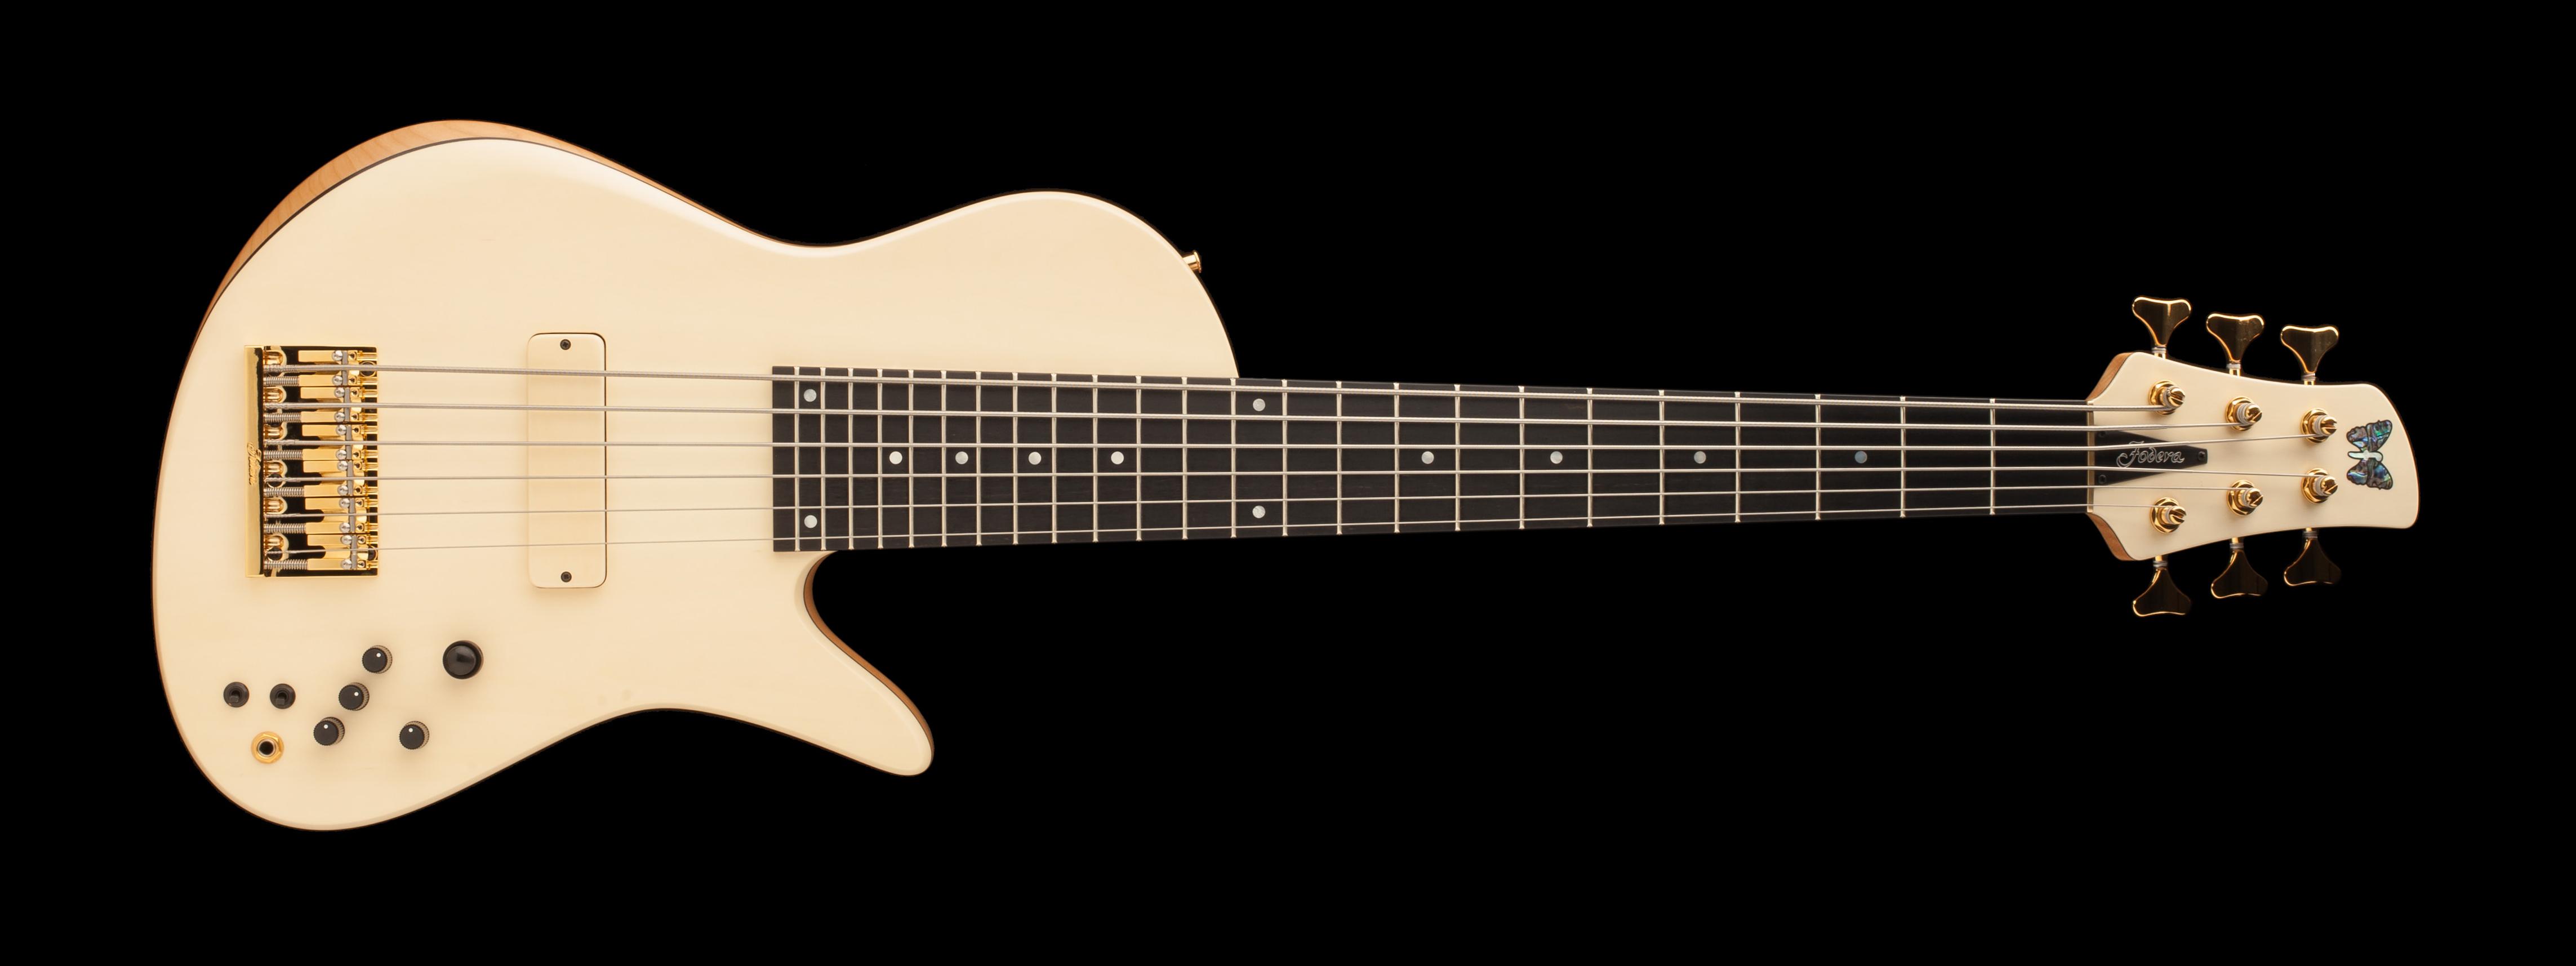 Off-White Hybrid Guitar